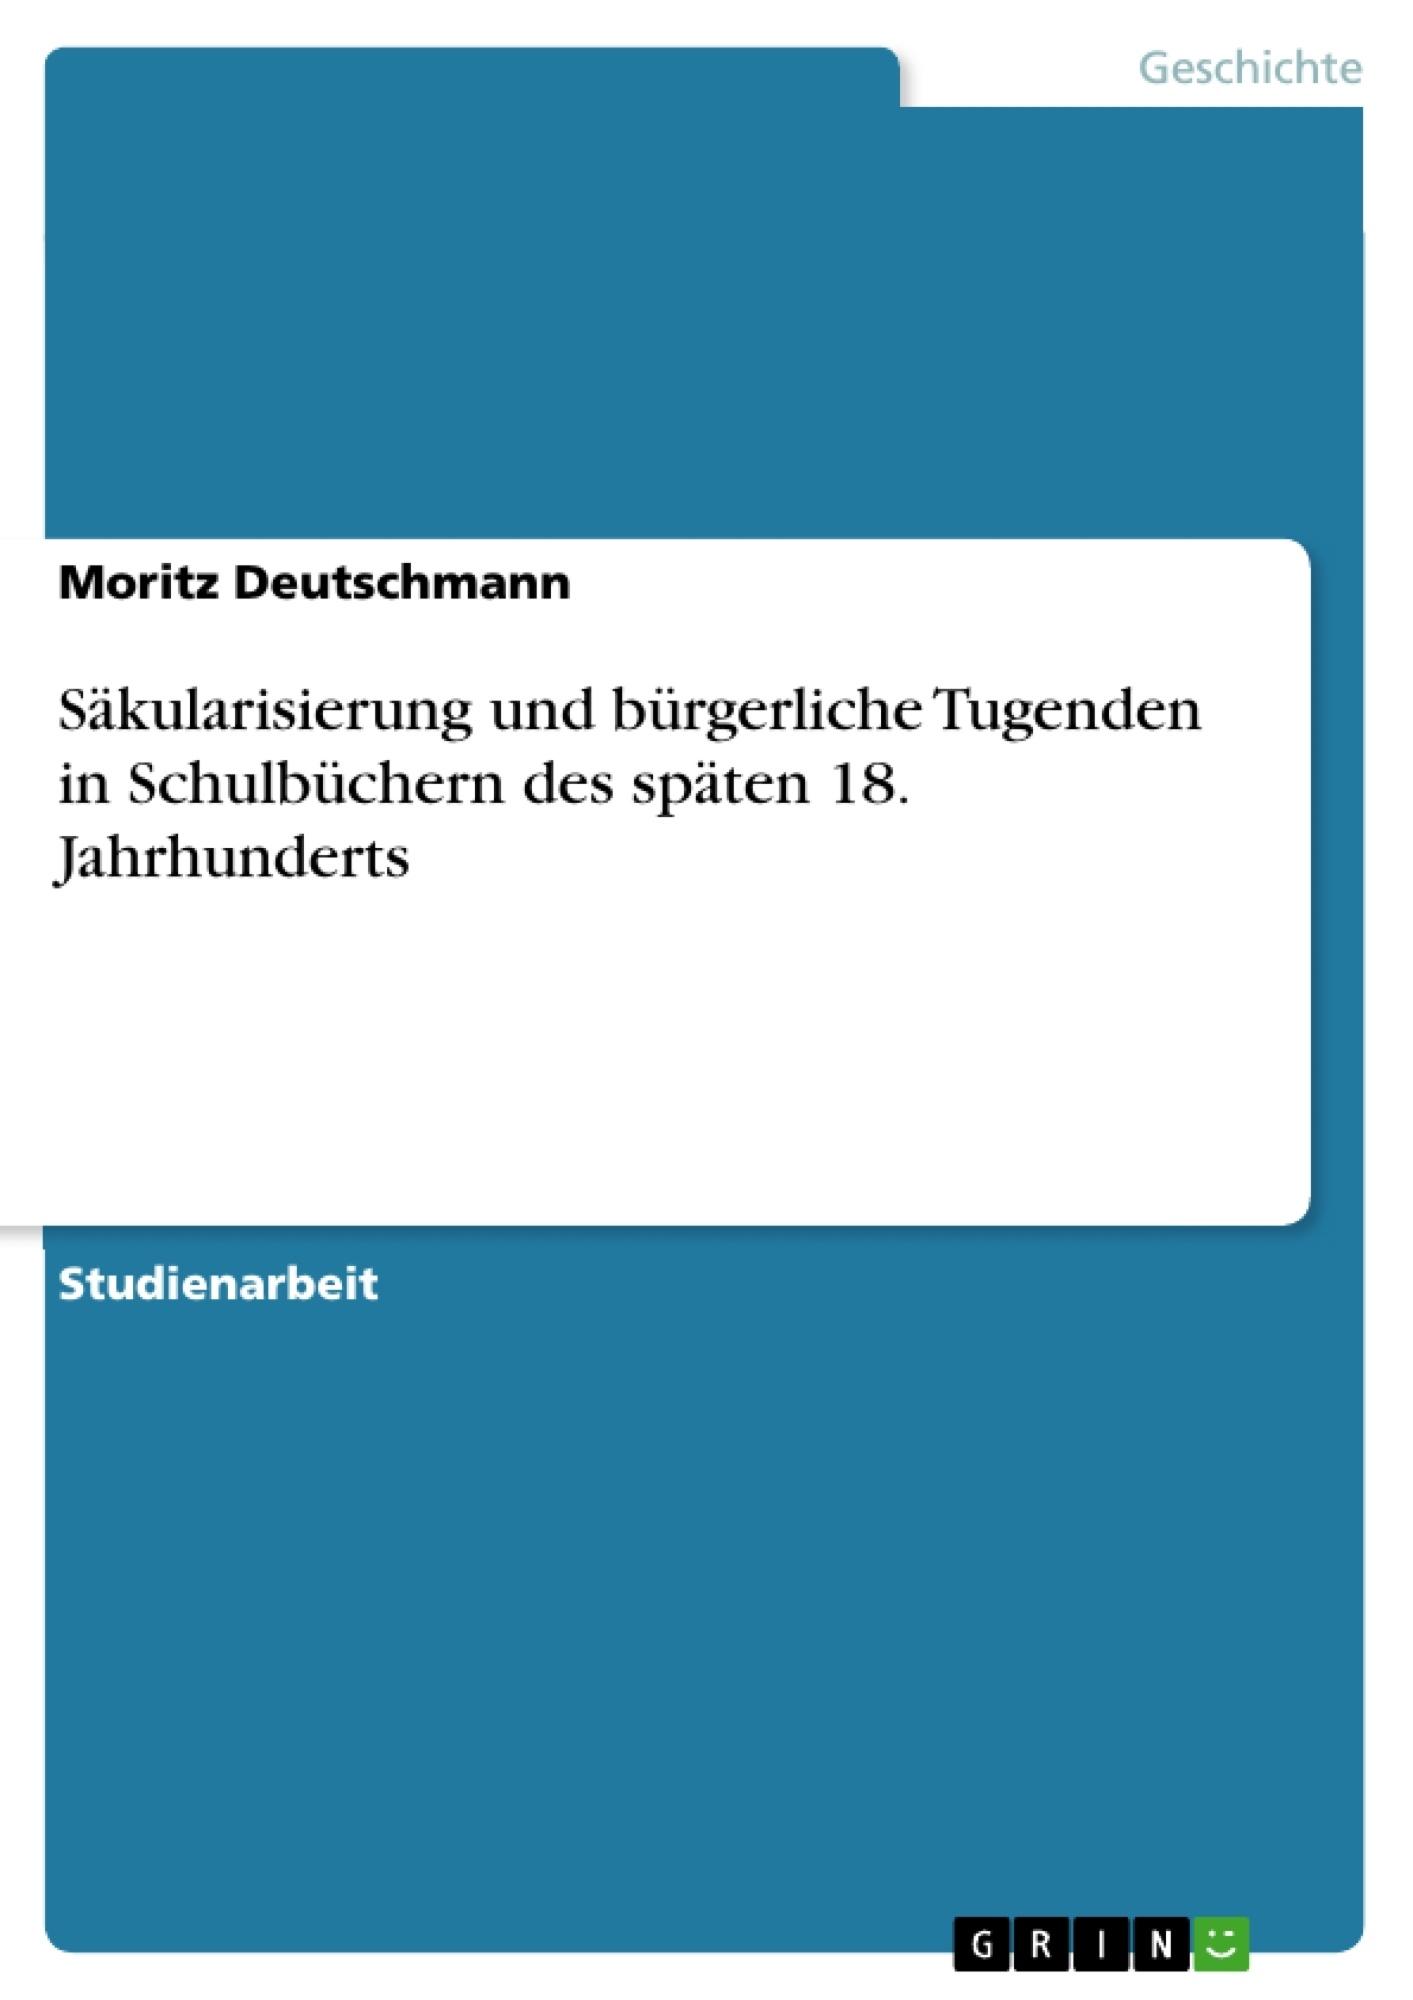 Titel: Säkularisierung und bürgerliche Tugenden in Schulbüchern des späten 18. Jahrhunderts